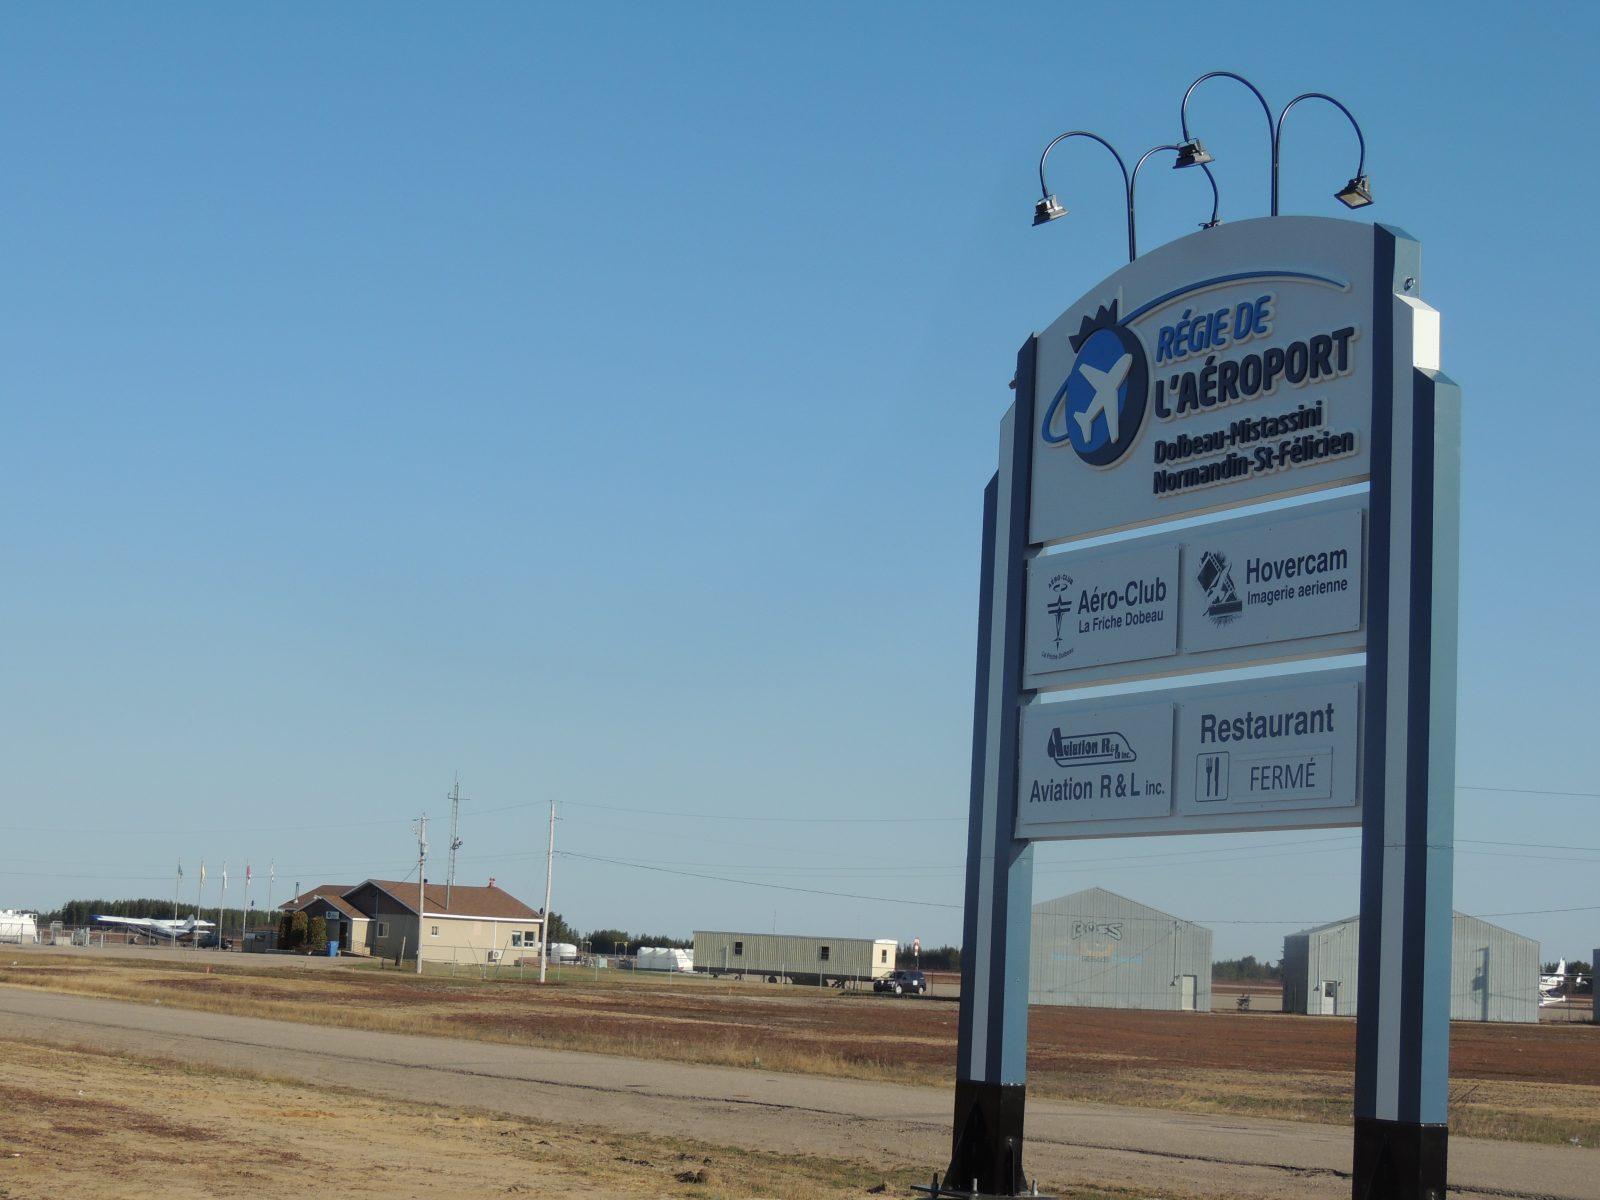 Surplus en 2019 pour l'aéroport Dolbeau-Mistassini-Normandin-Saint-Félicien